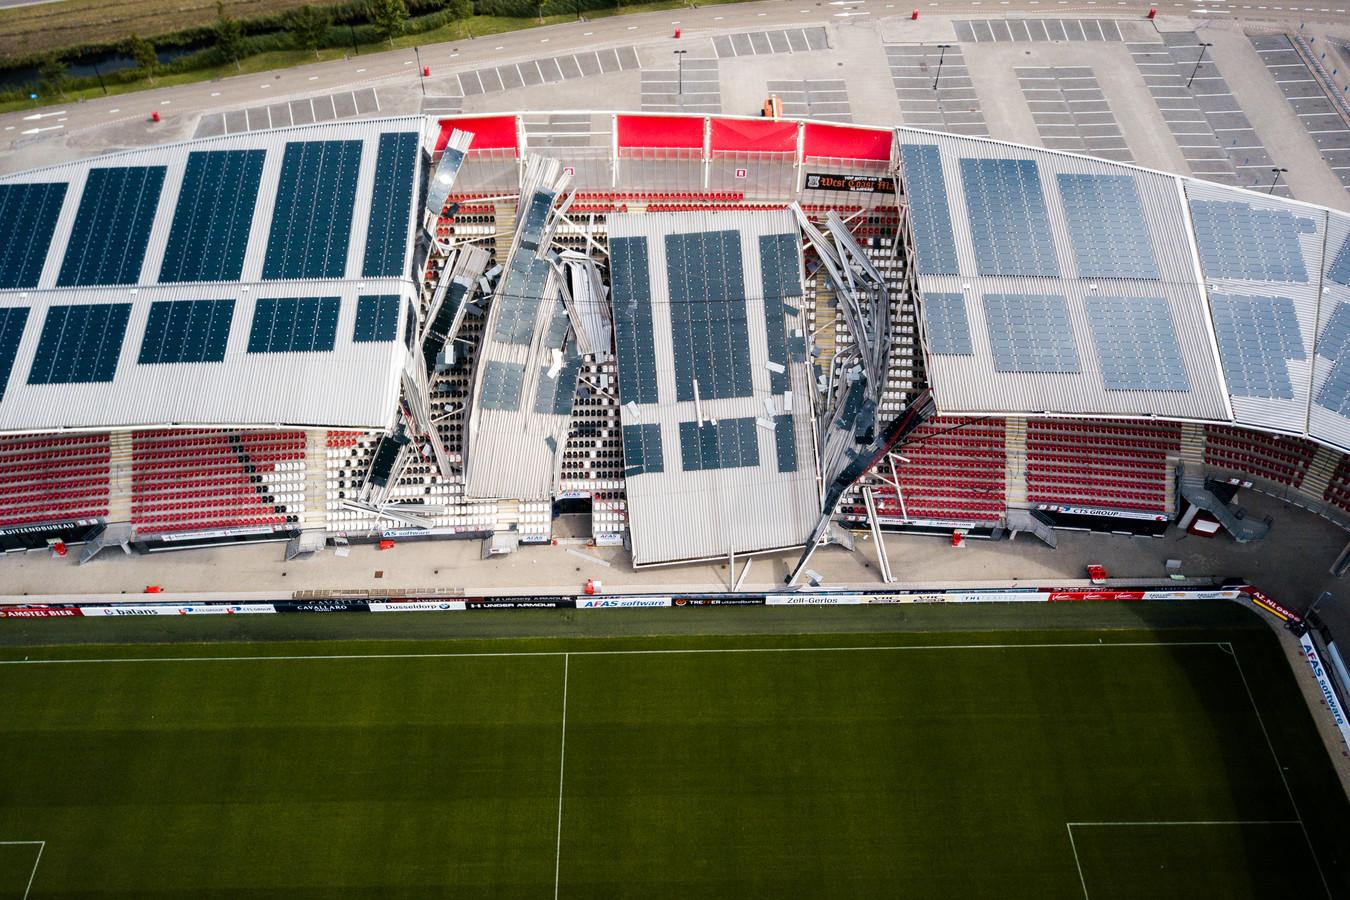 Het ingestorte dak van het AZ-stadion.